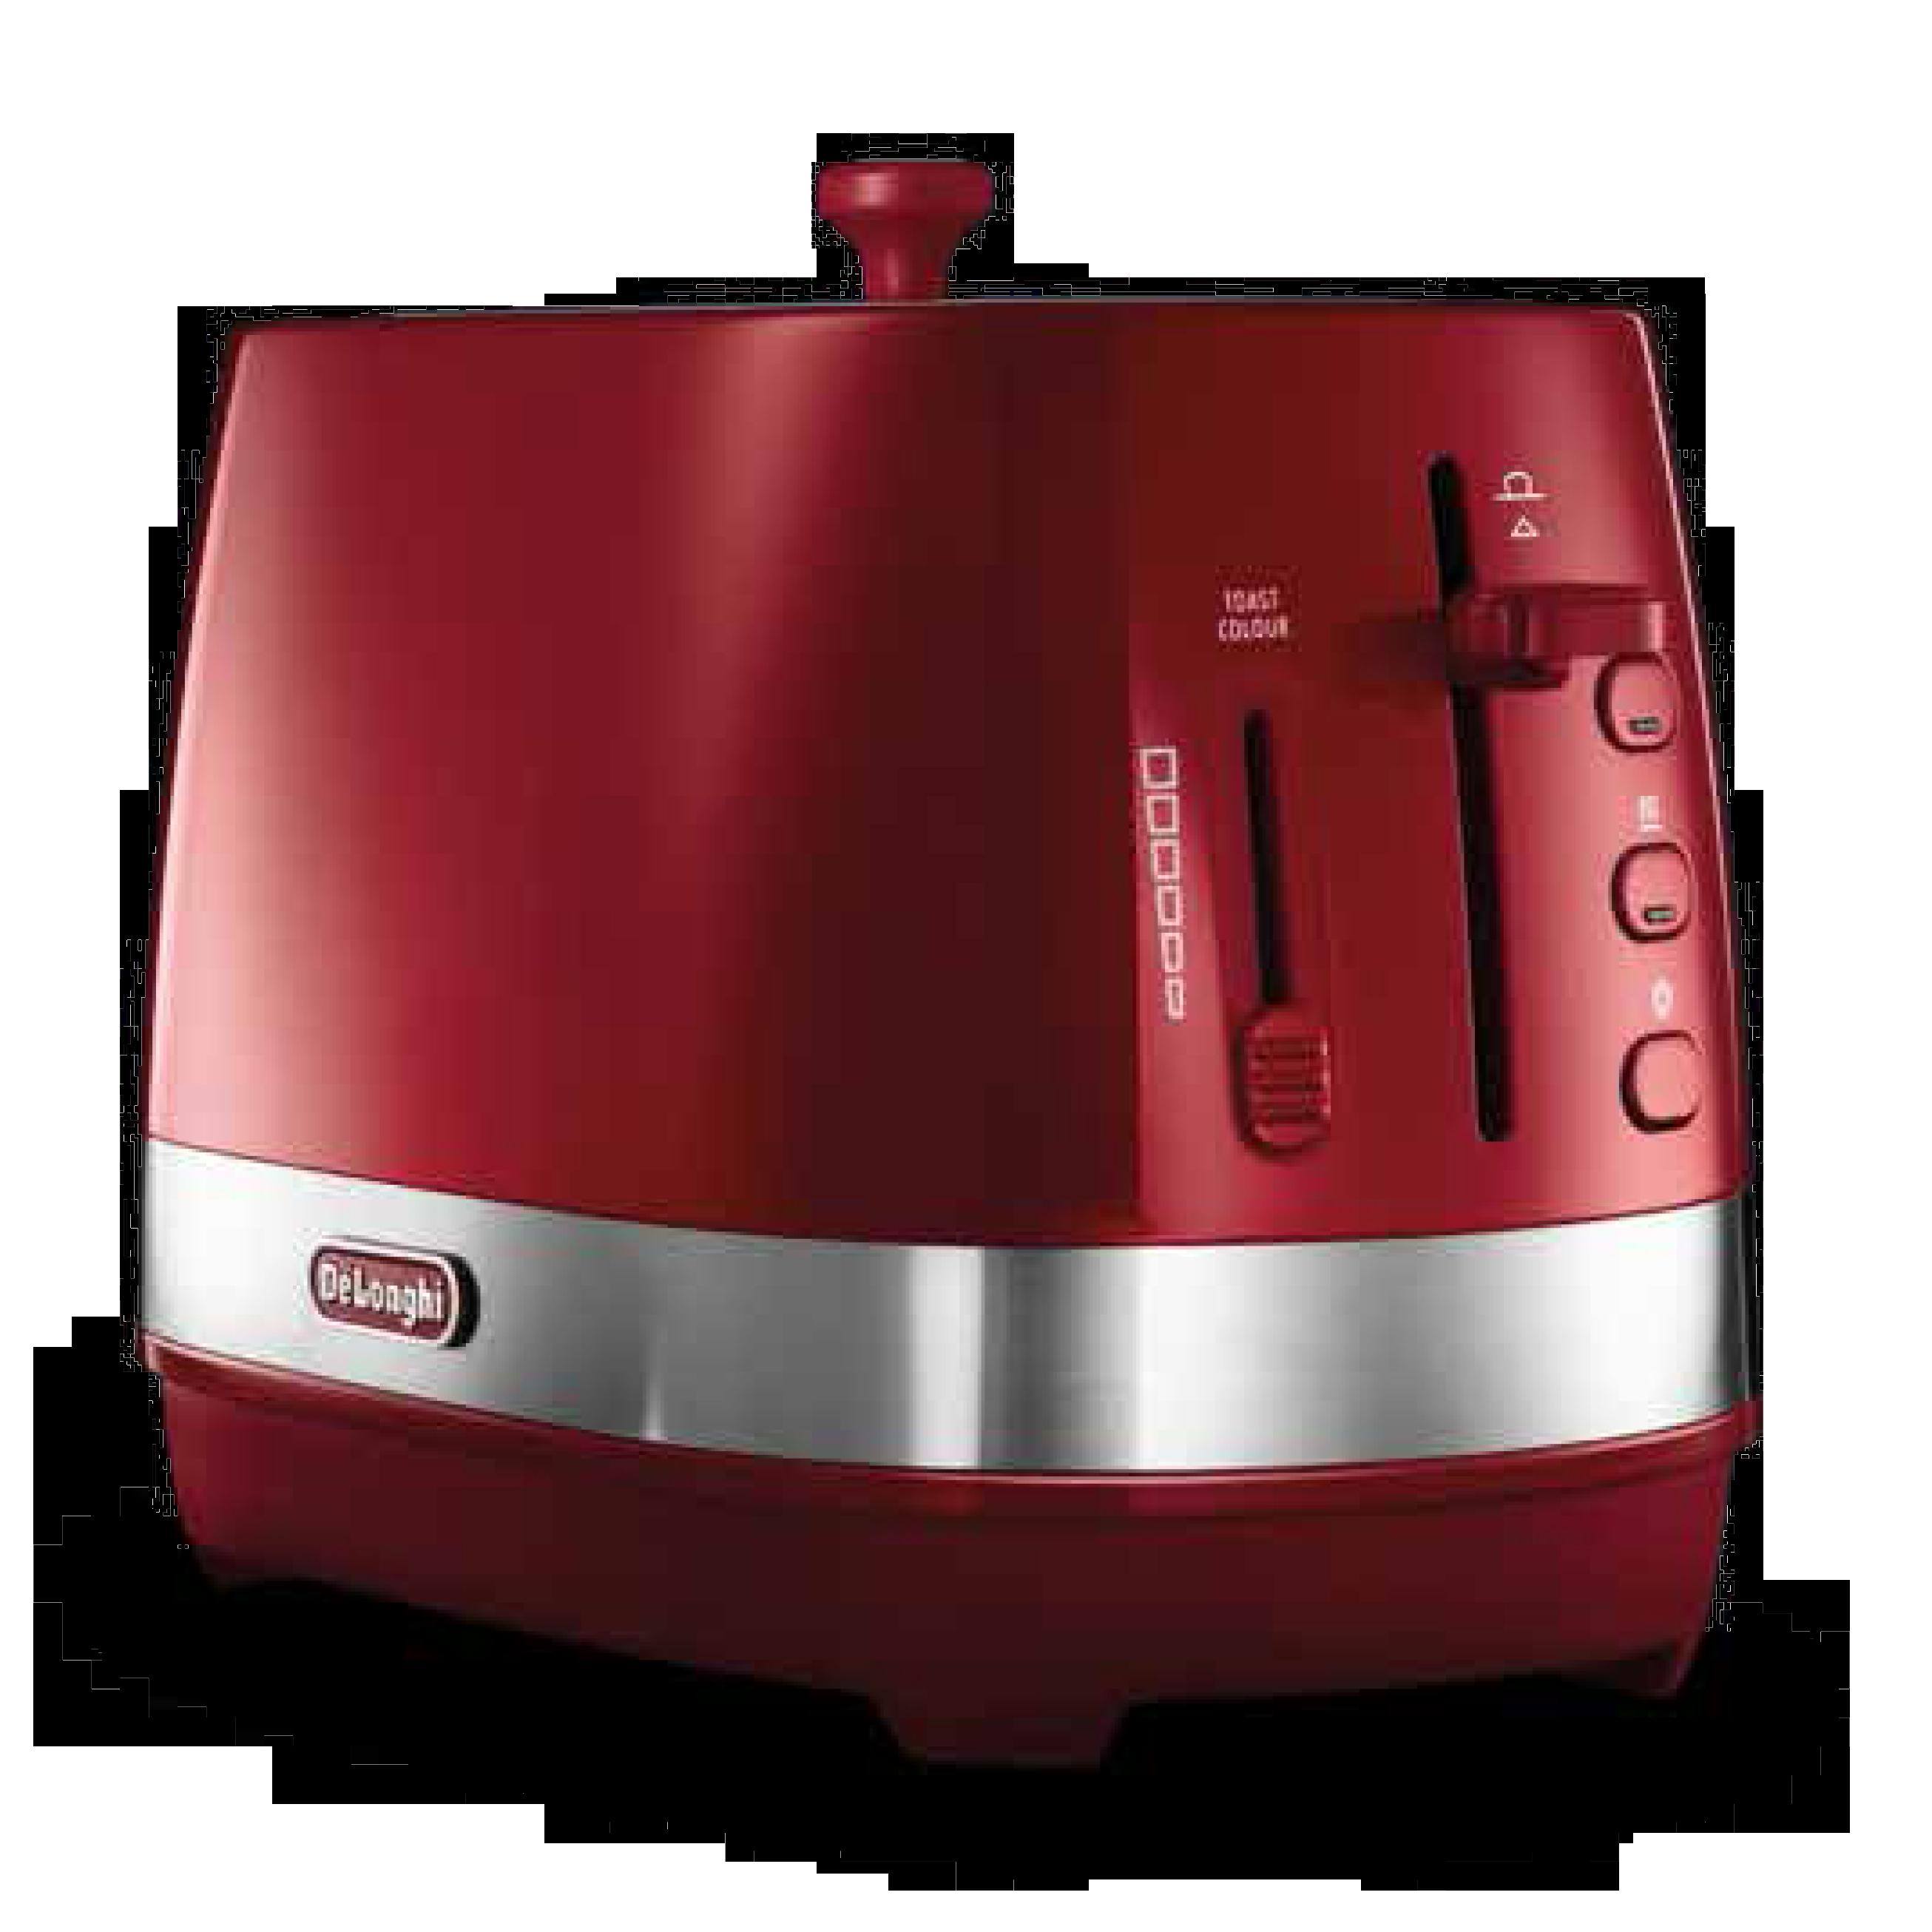 デロンギ アクティブ シリーズ ポップアップトースター [CTLA2003J-R]